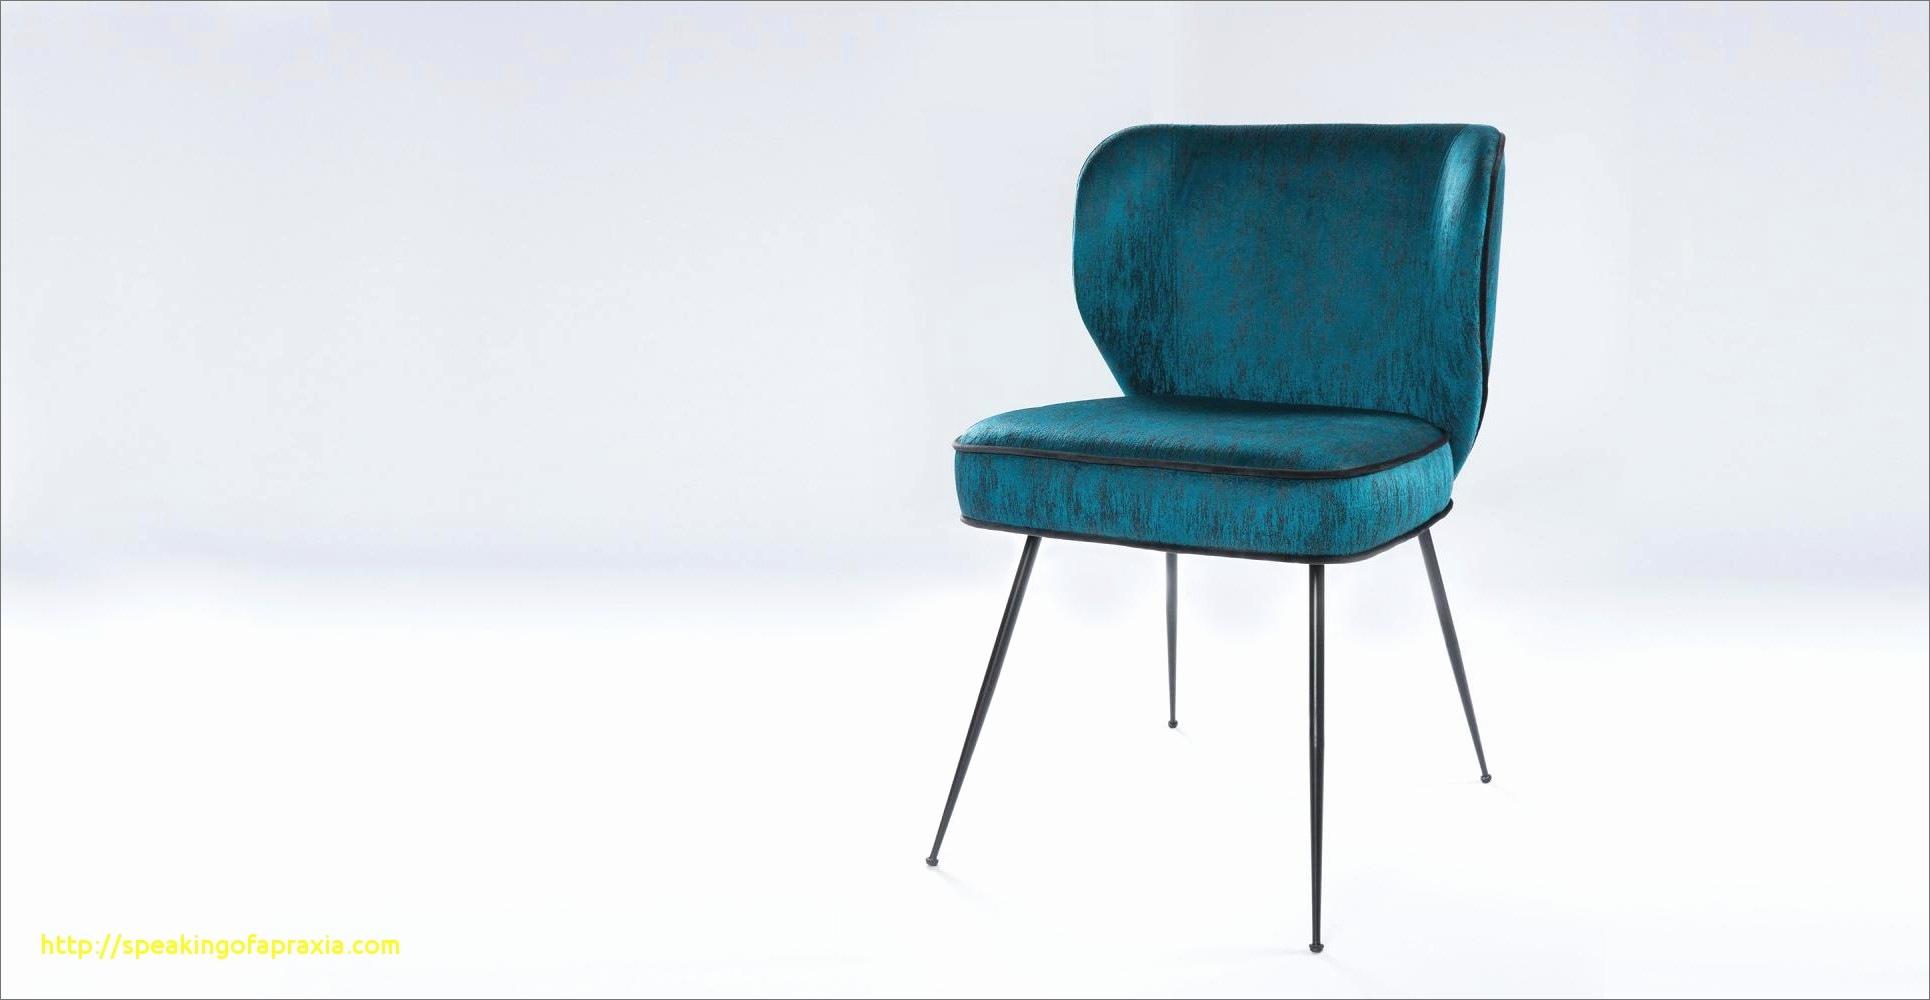 carrefour chaises de jardin luxe stock carrefour chaise de. Black Bedroom Furniture Sets. Home Design Ideas